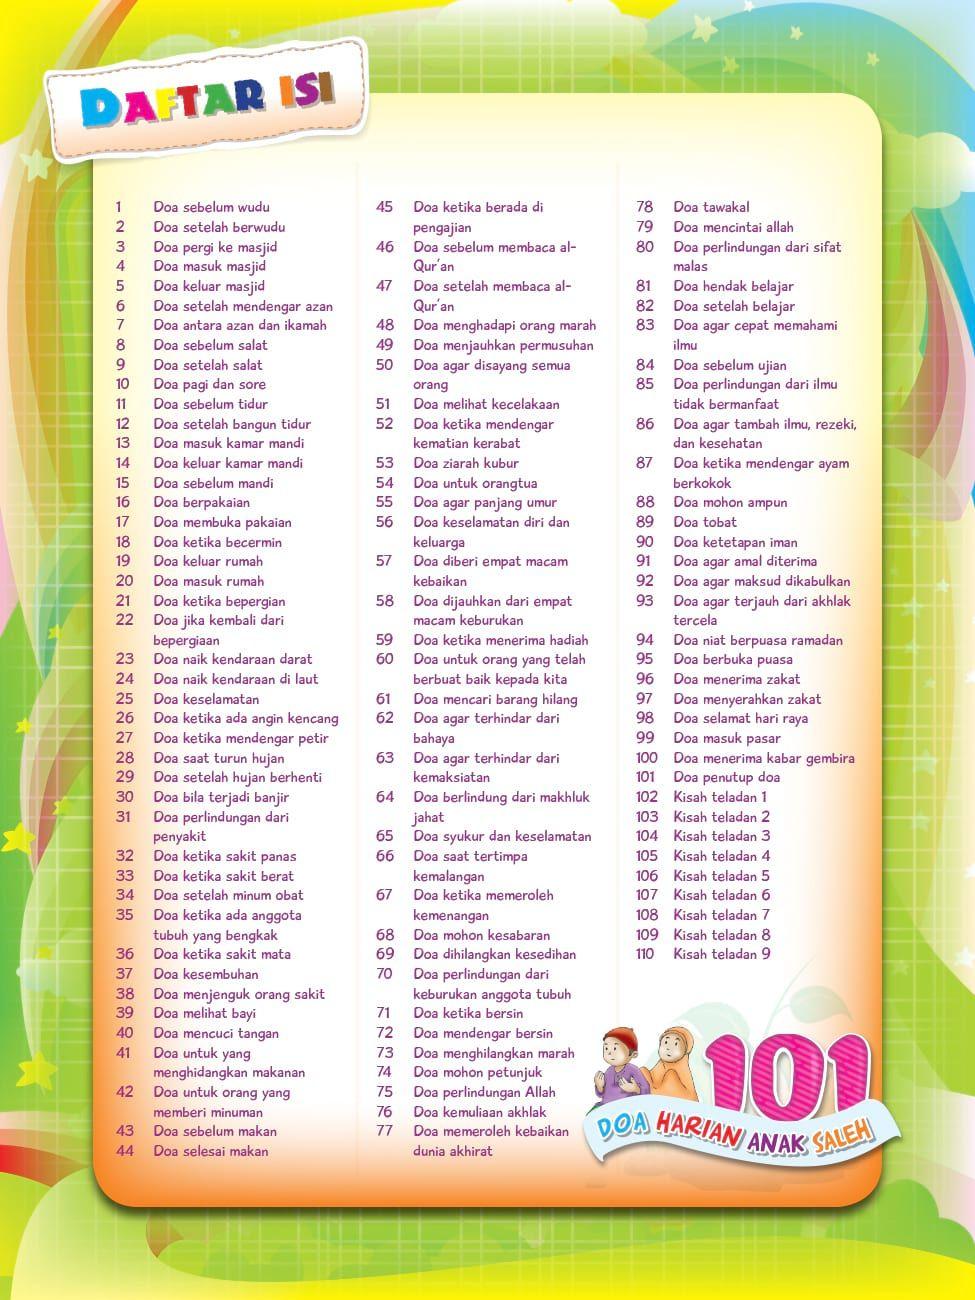 Buku Pintar Super Lengkap 101 Doa Harian Anak Soleh Buku